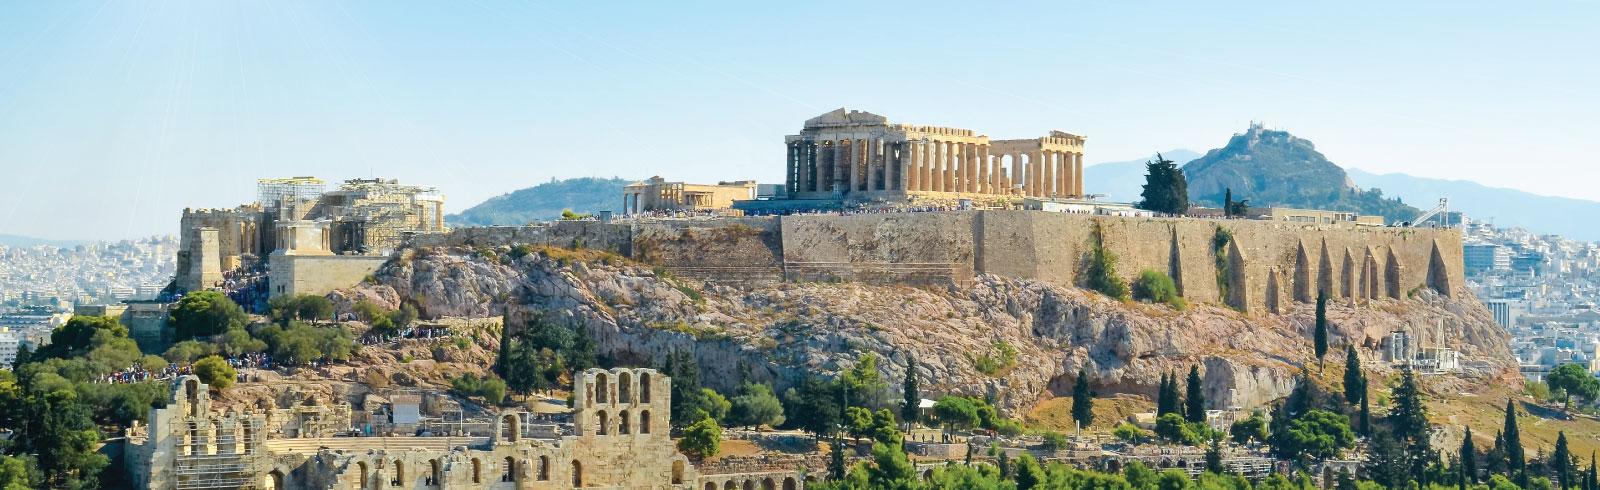 Travel Guru Greece